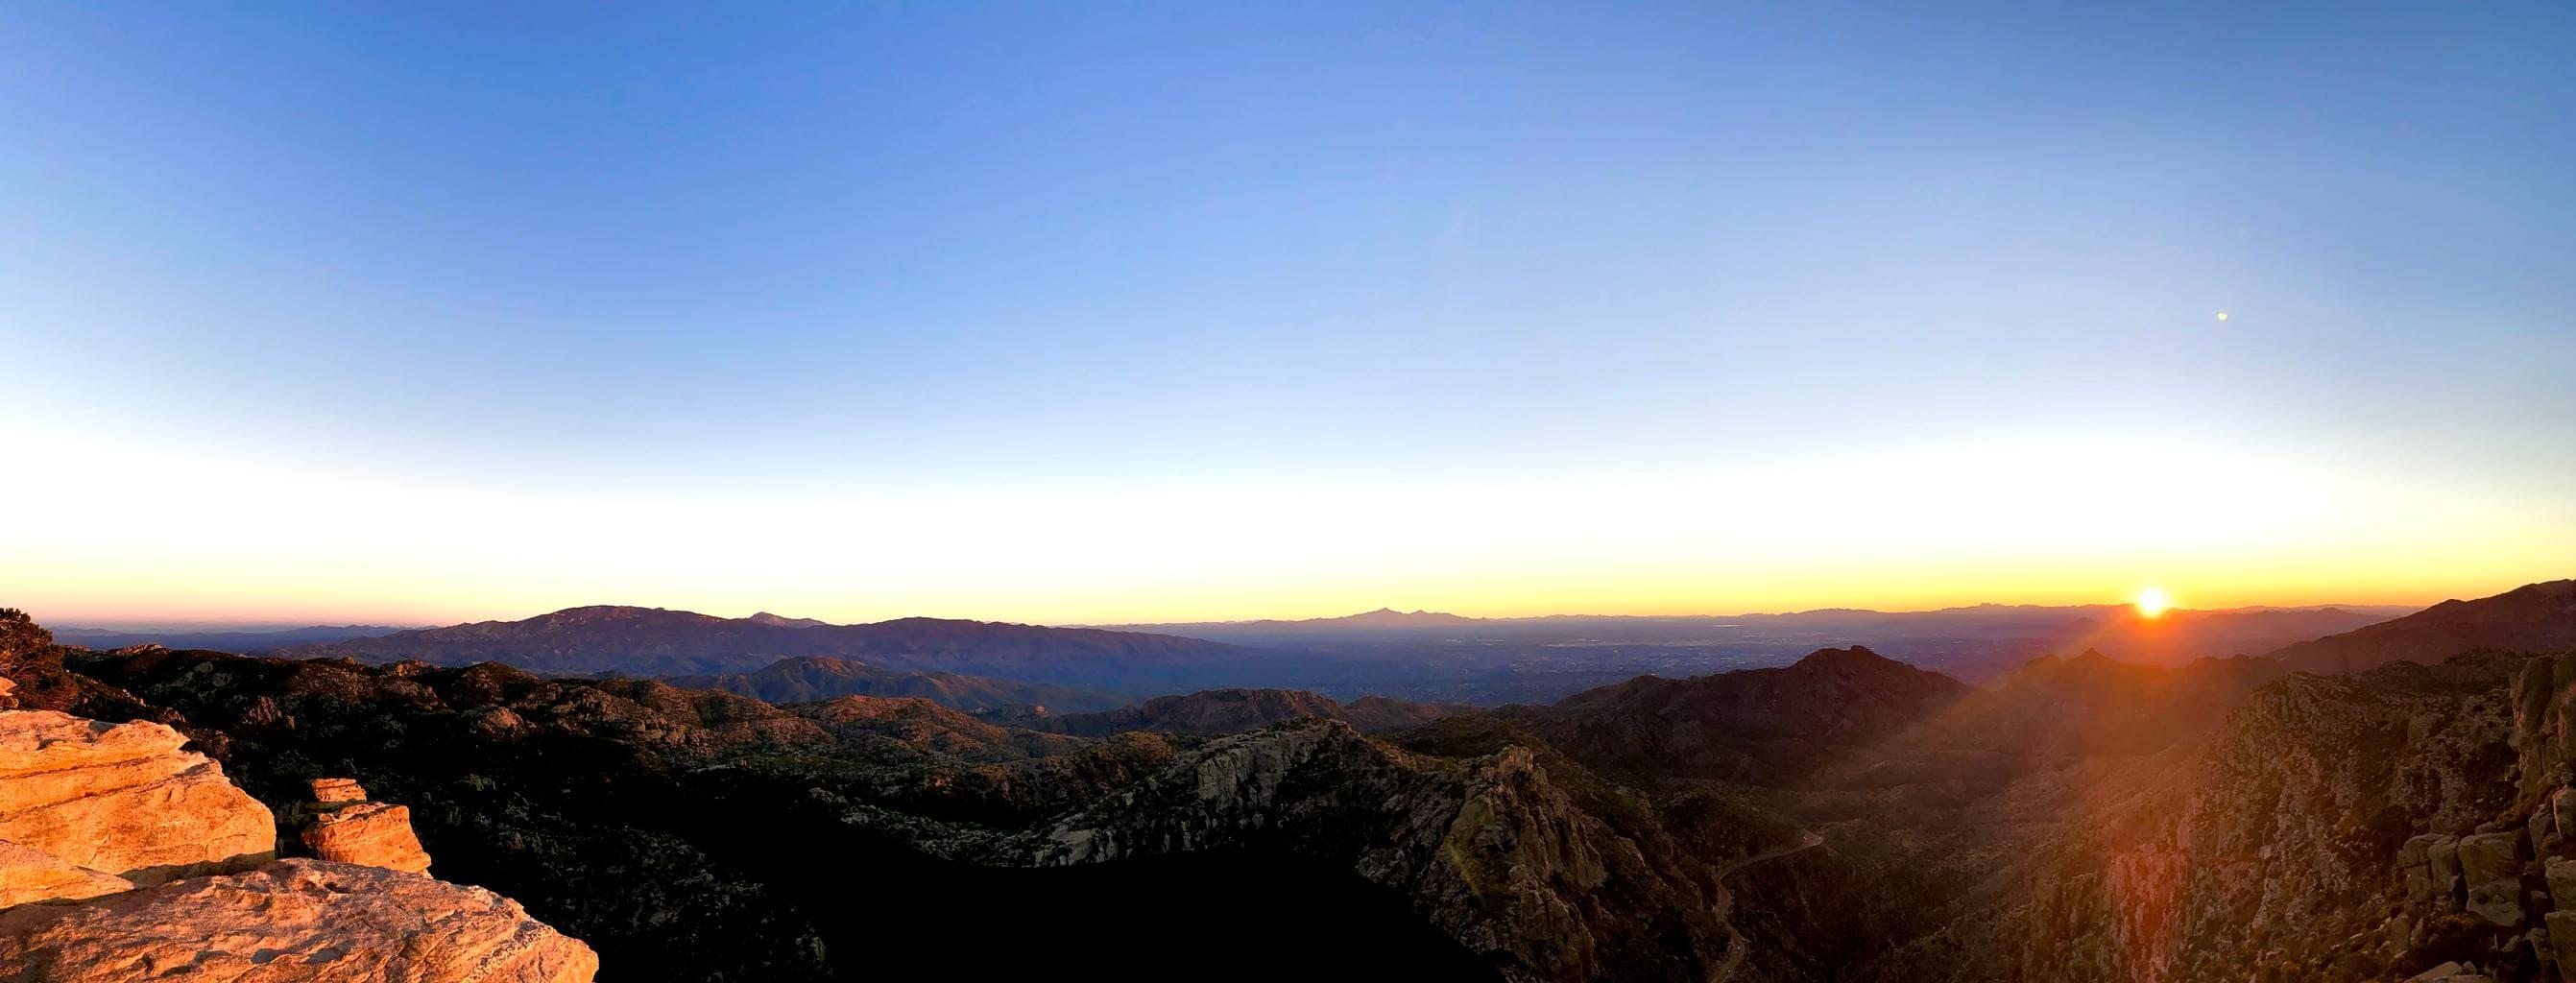 Fotografía panorámica de amanecer con móvil